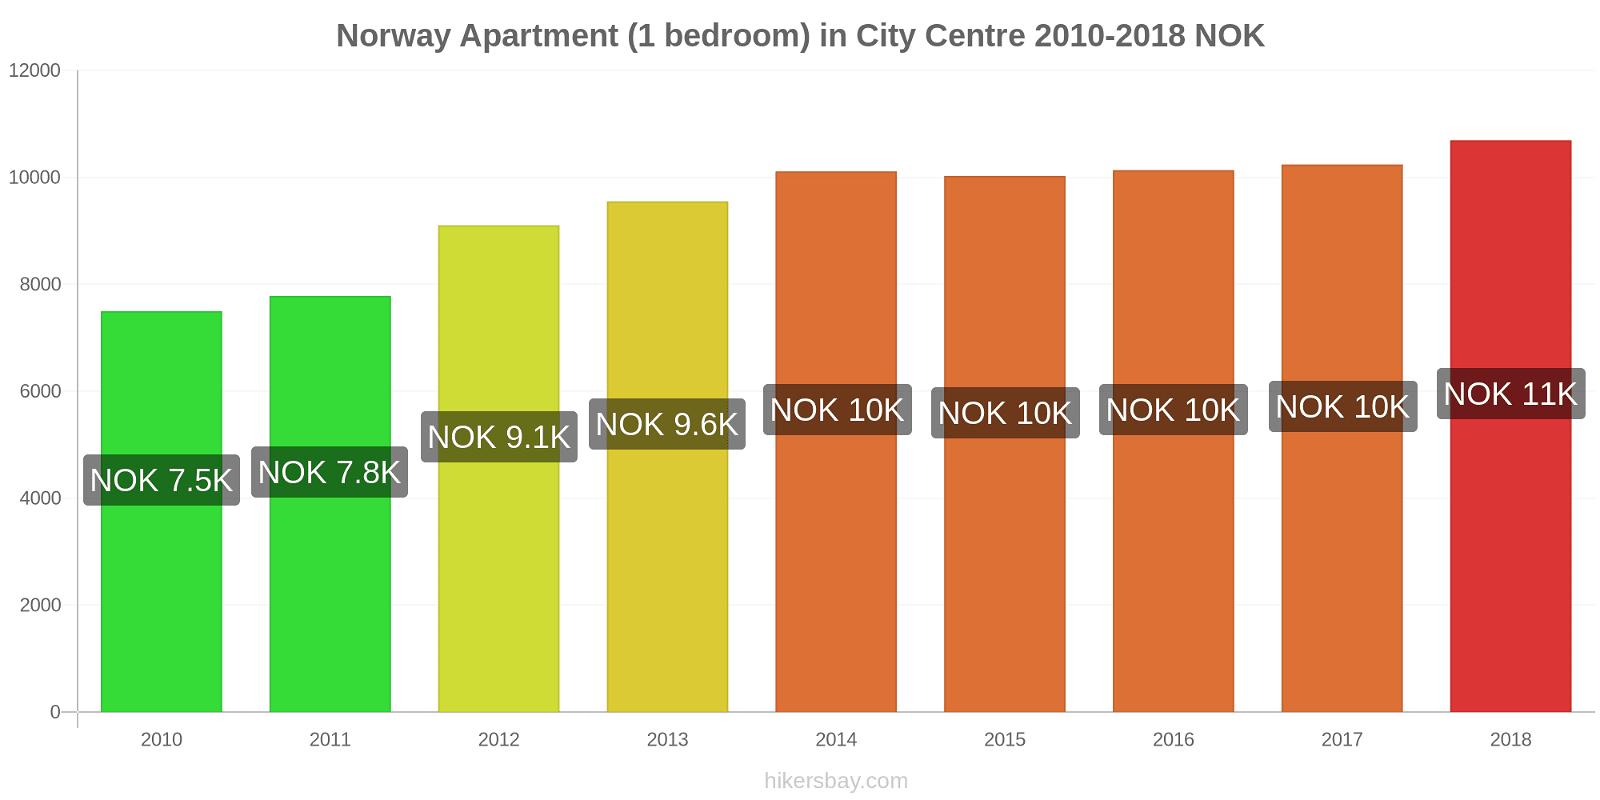 Norway price changes Apartment (1 bedroom) in City Centre hikersbay.com